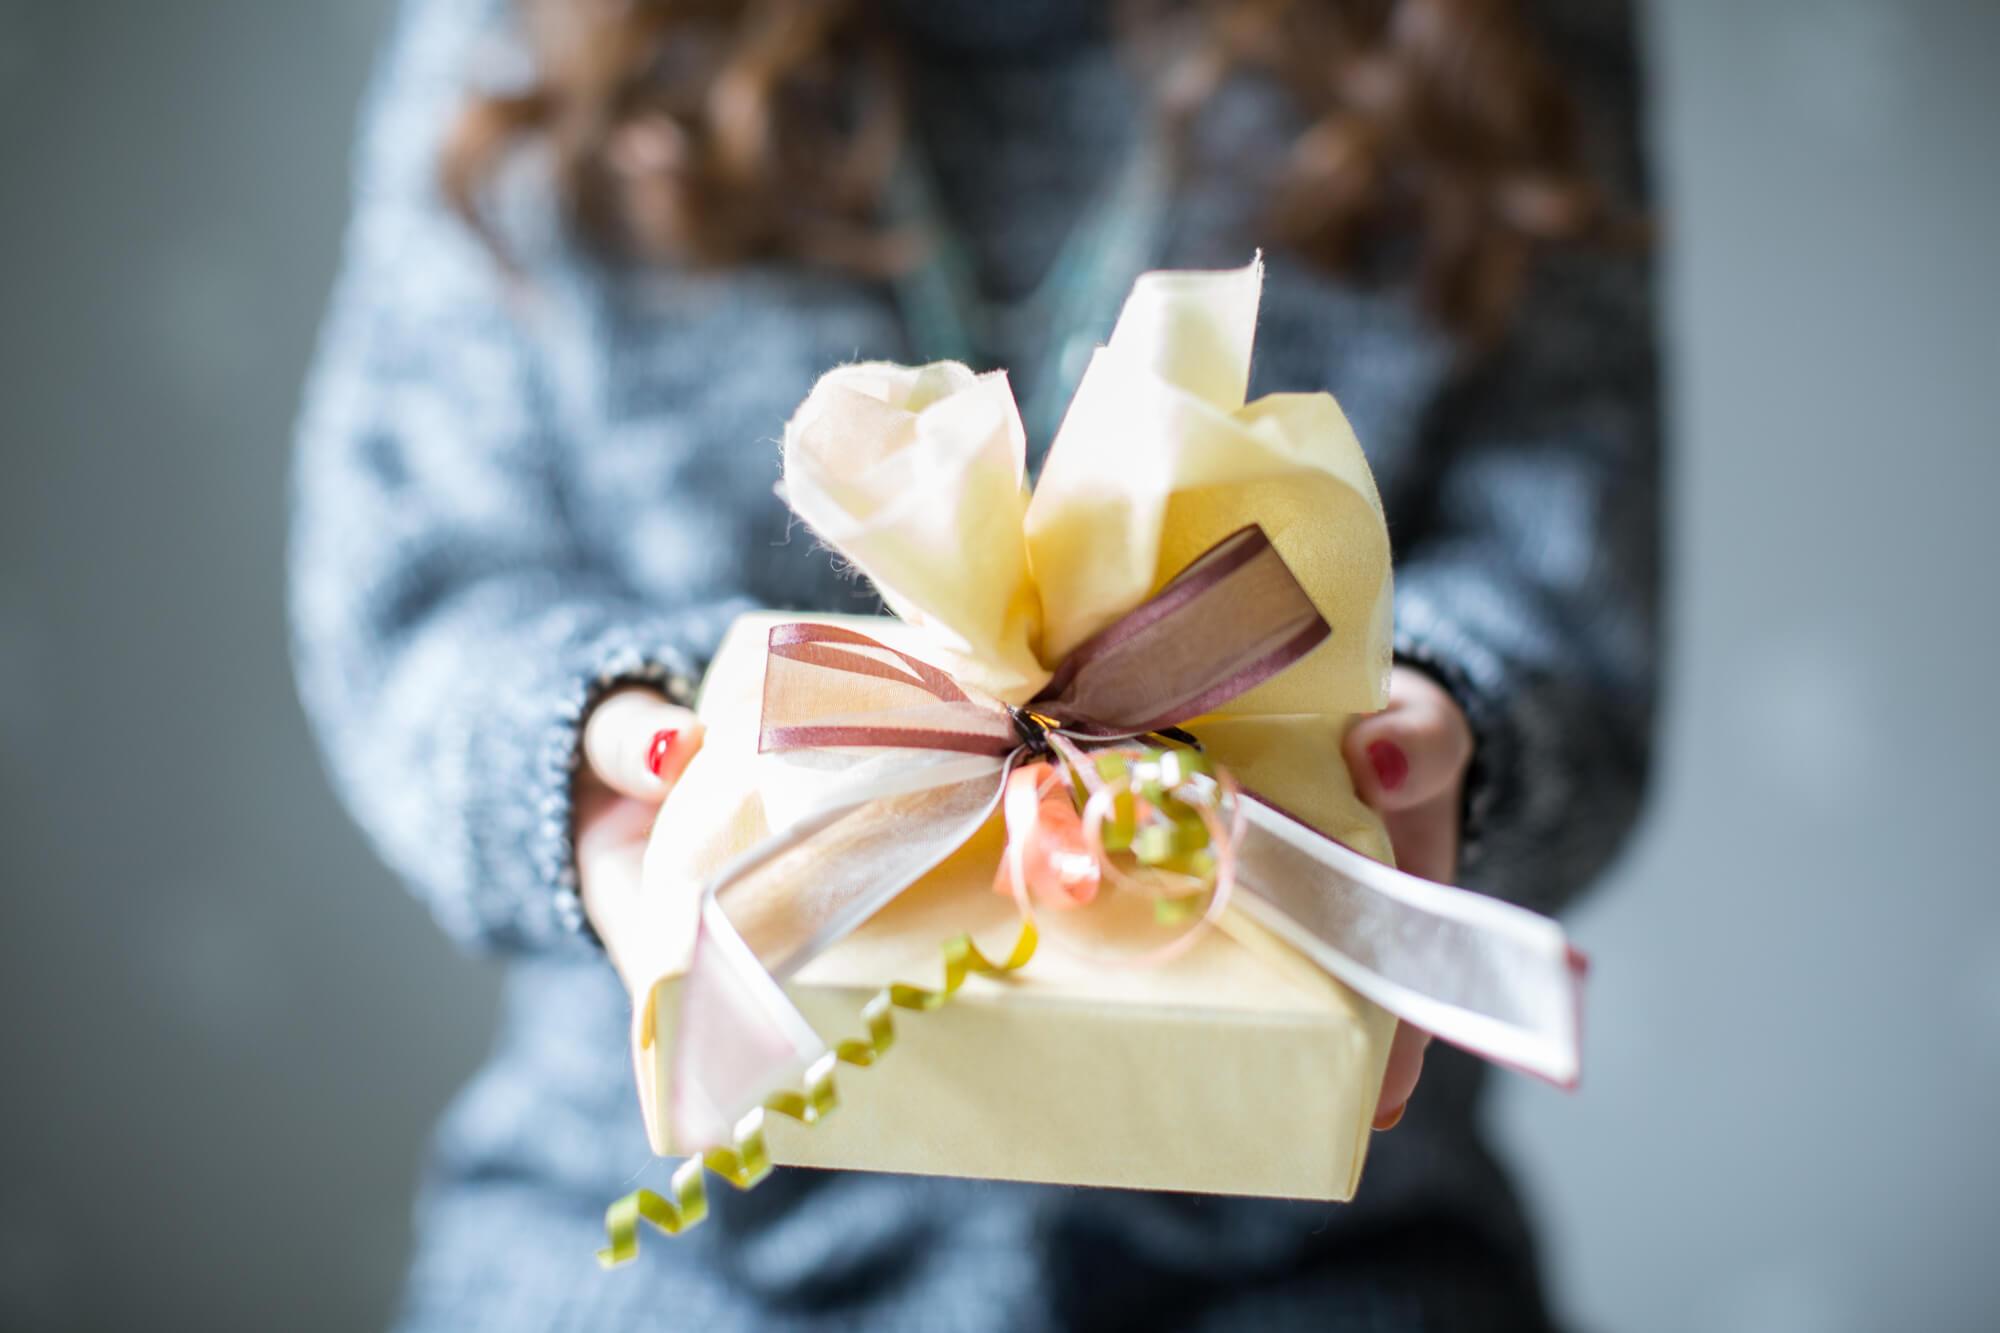 プレゼントするならカシミヤストール!!プレゼント包装可能なカシミヤトールは?